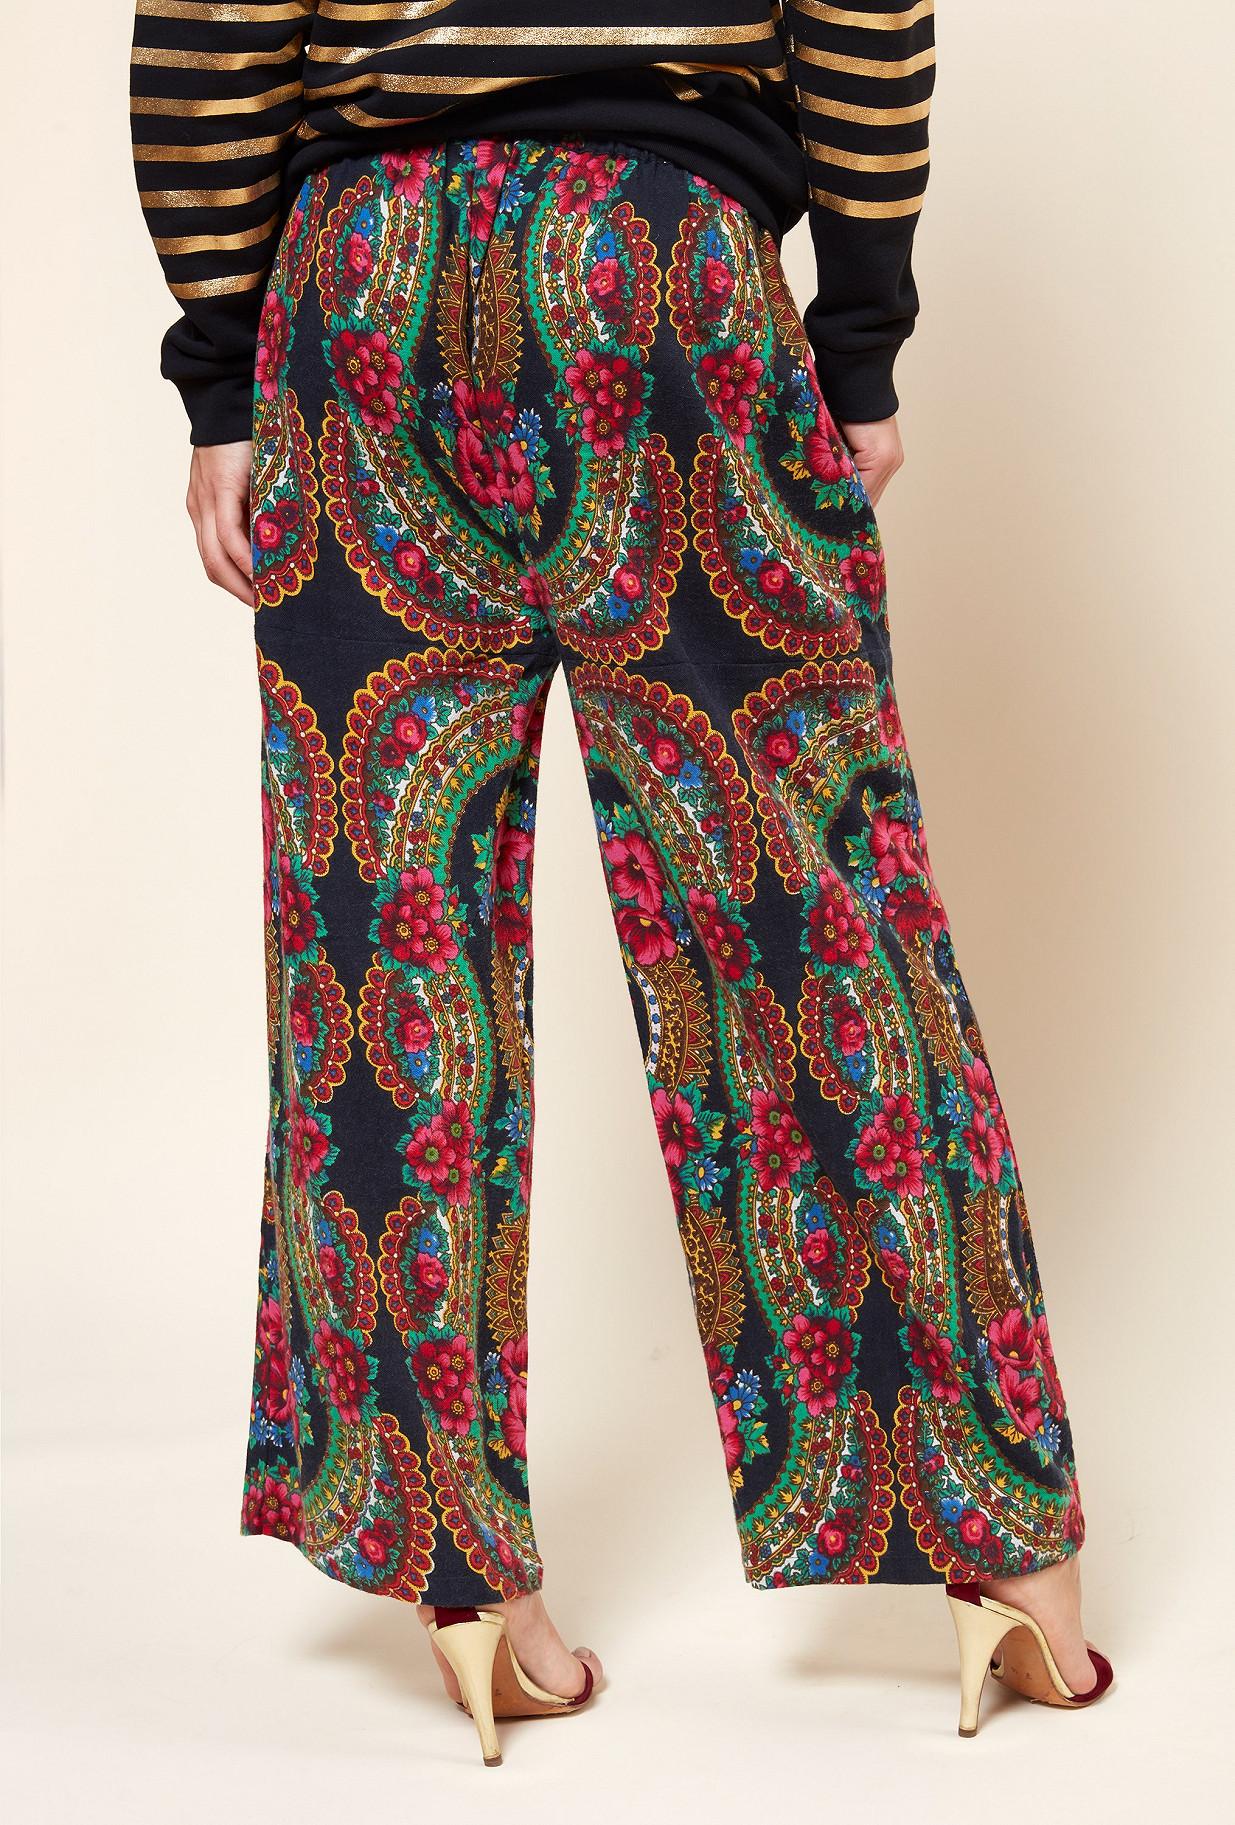 Paris boutique de mode vêtement PANTALON créateur bohème  Pavoloski